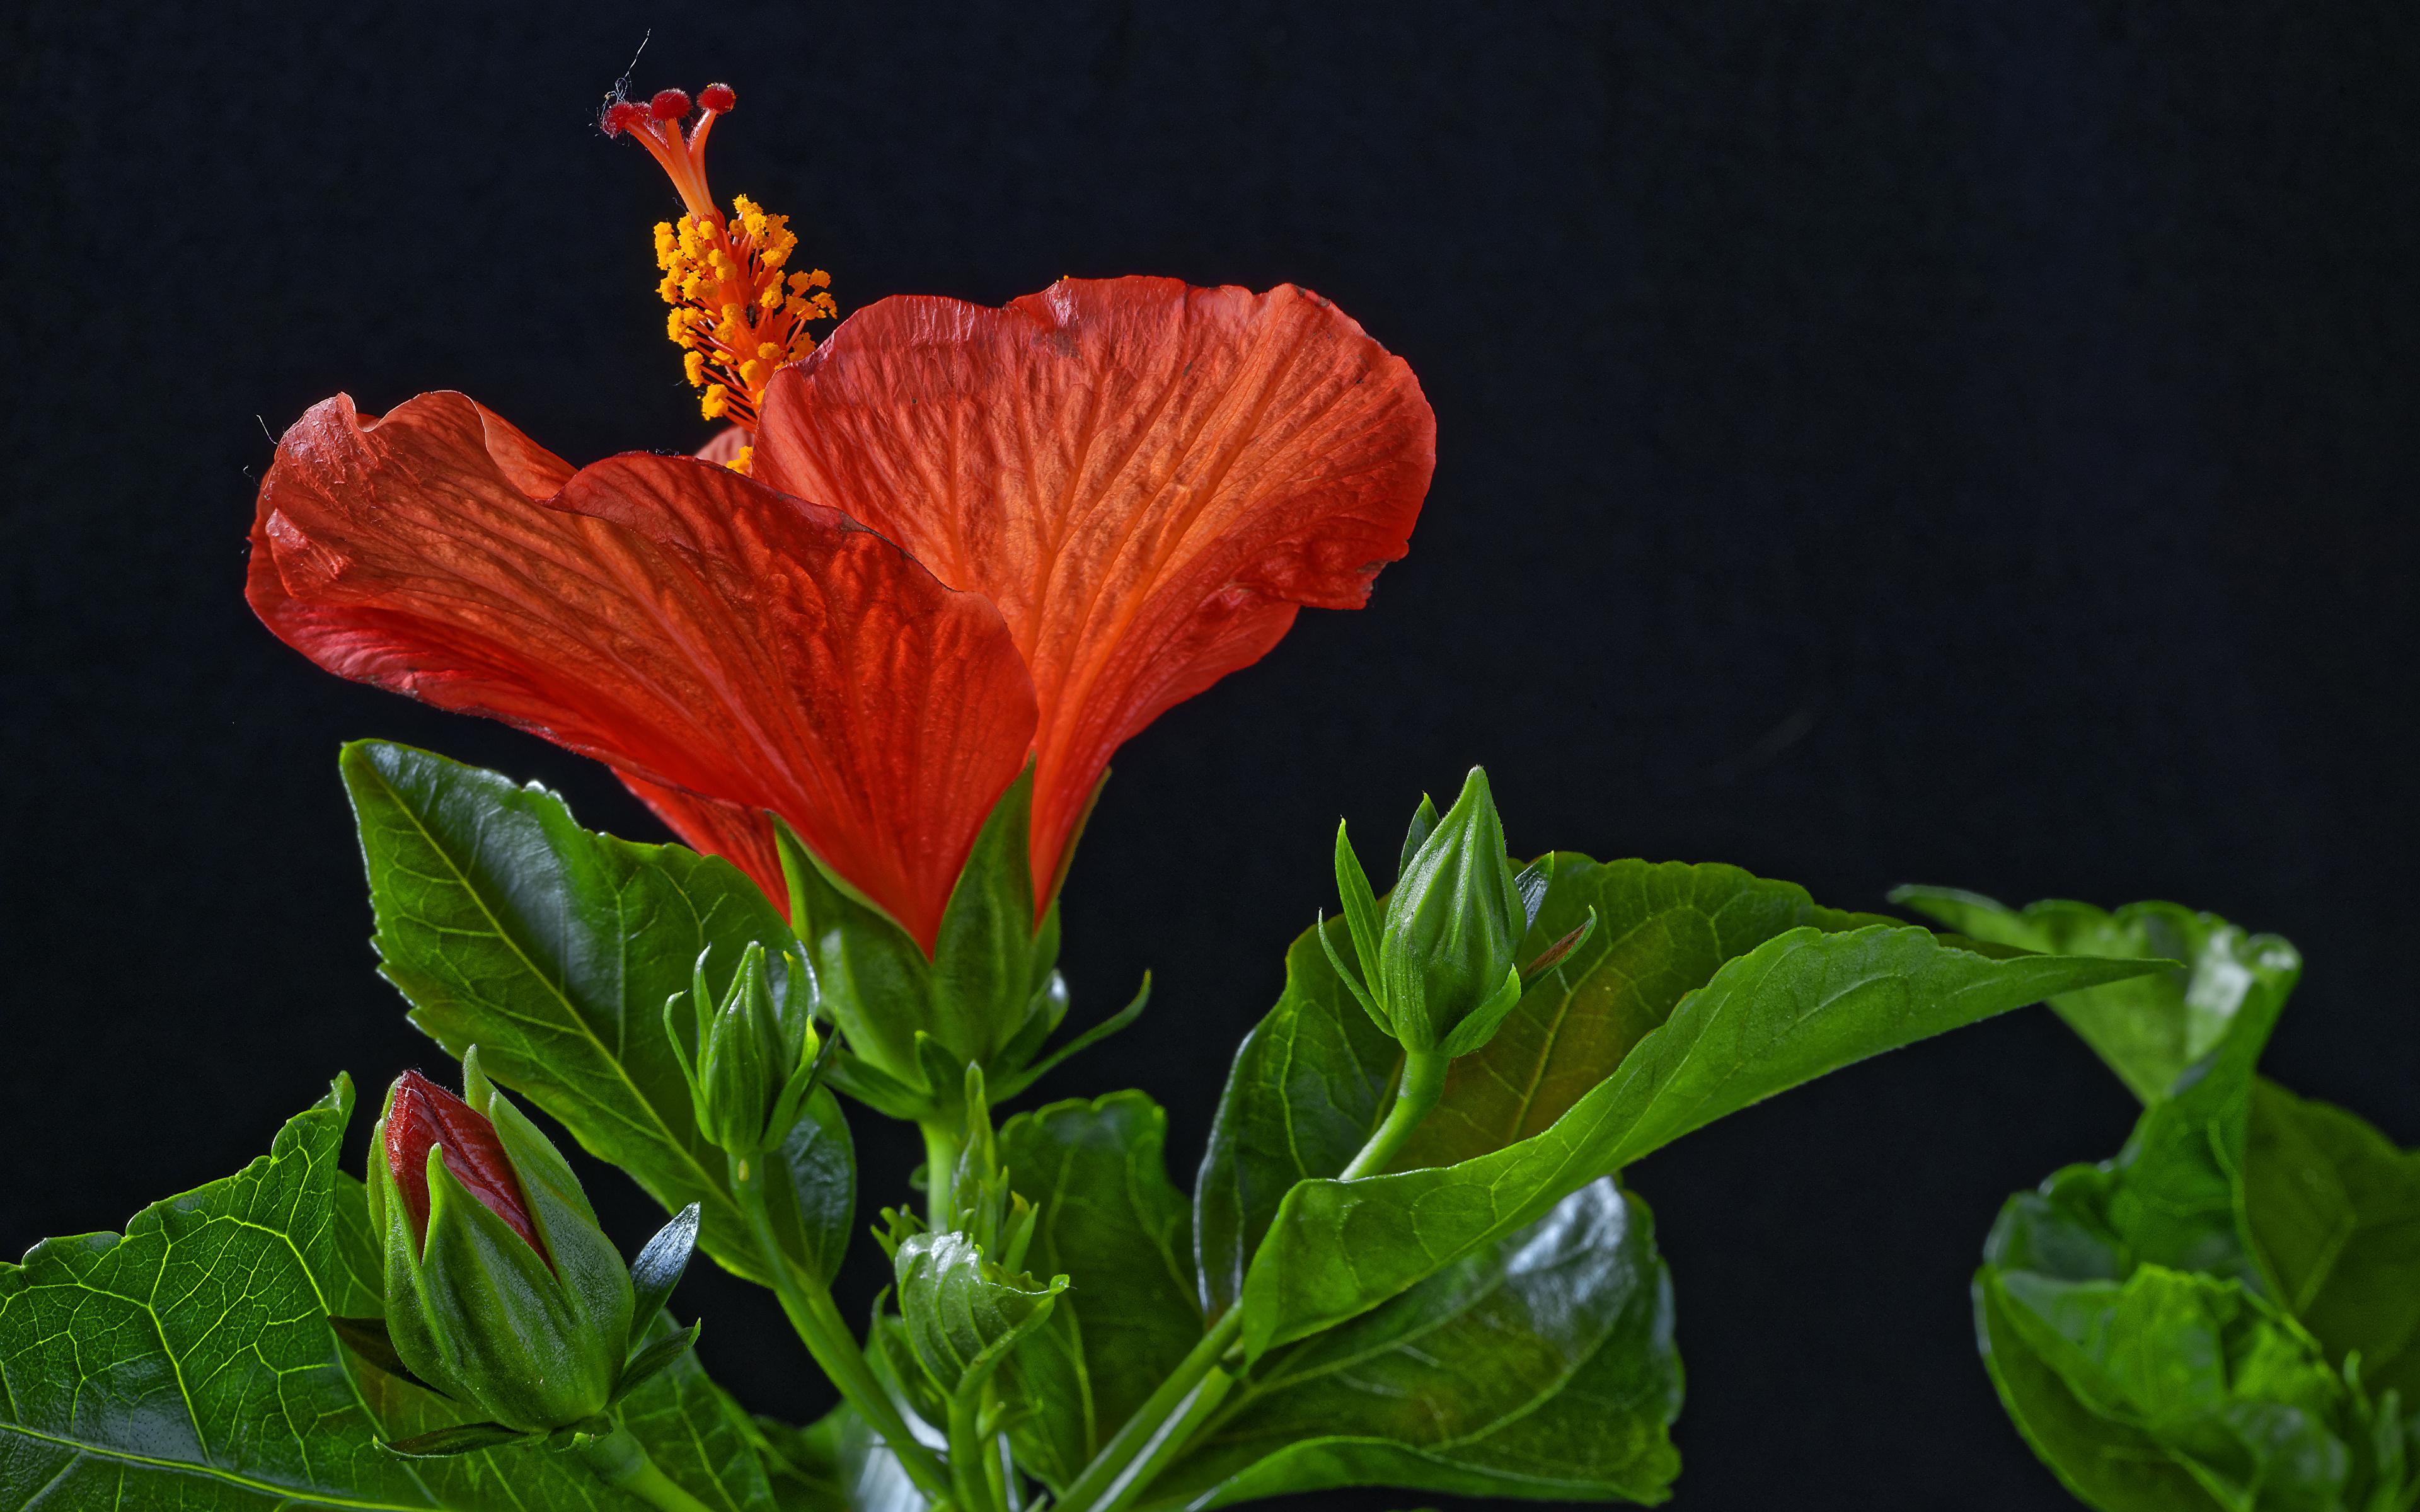 Фотография красная Цветы Гибискусы Бутон на черном фоне Крупным планом 3840x2400 красных красные Красный цветок вблизи Черный фон